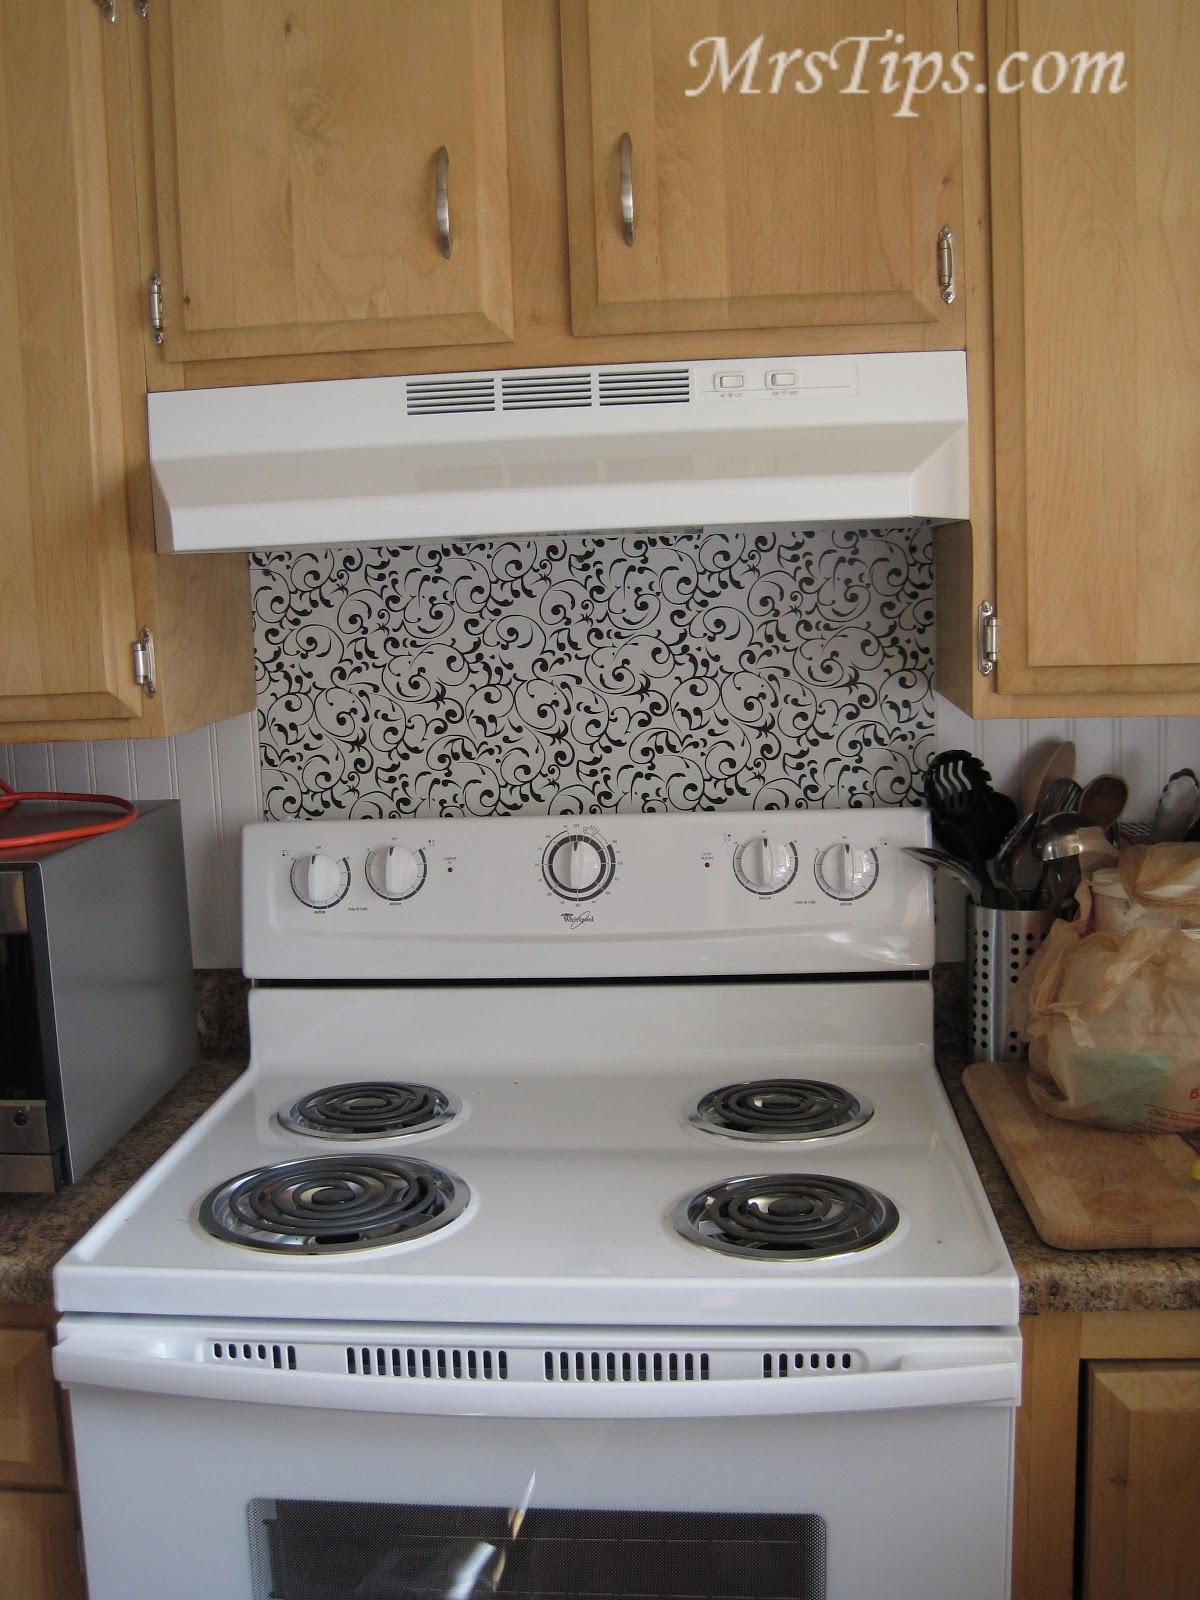 10 or less backsplash for your stovetop - Ideas for backsplash behind stove ...